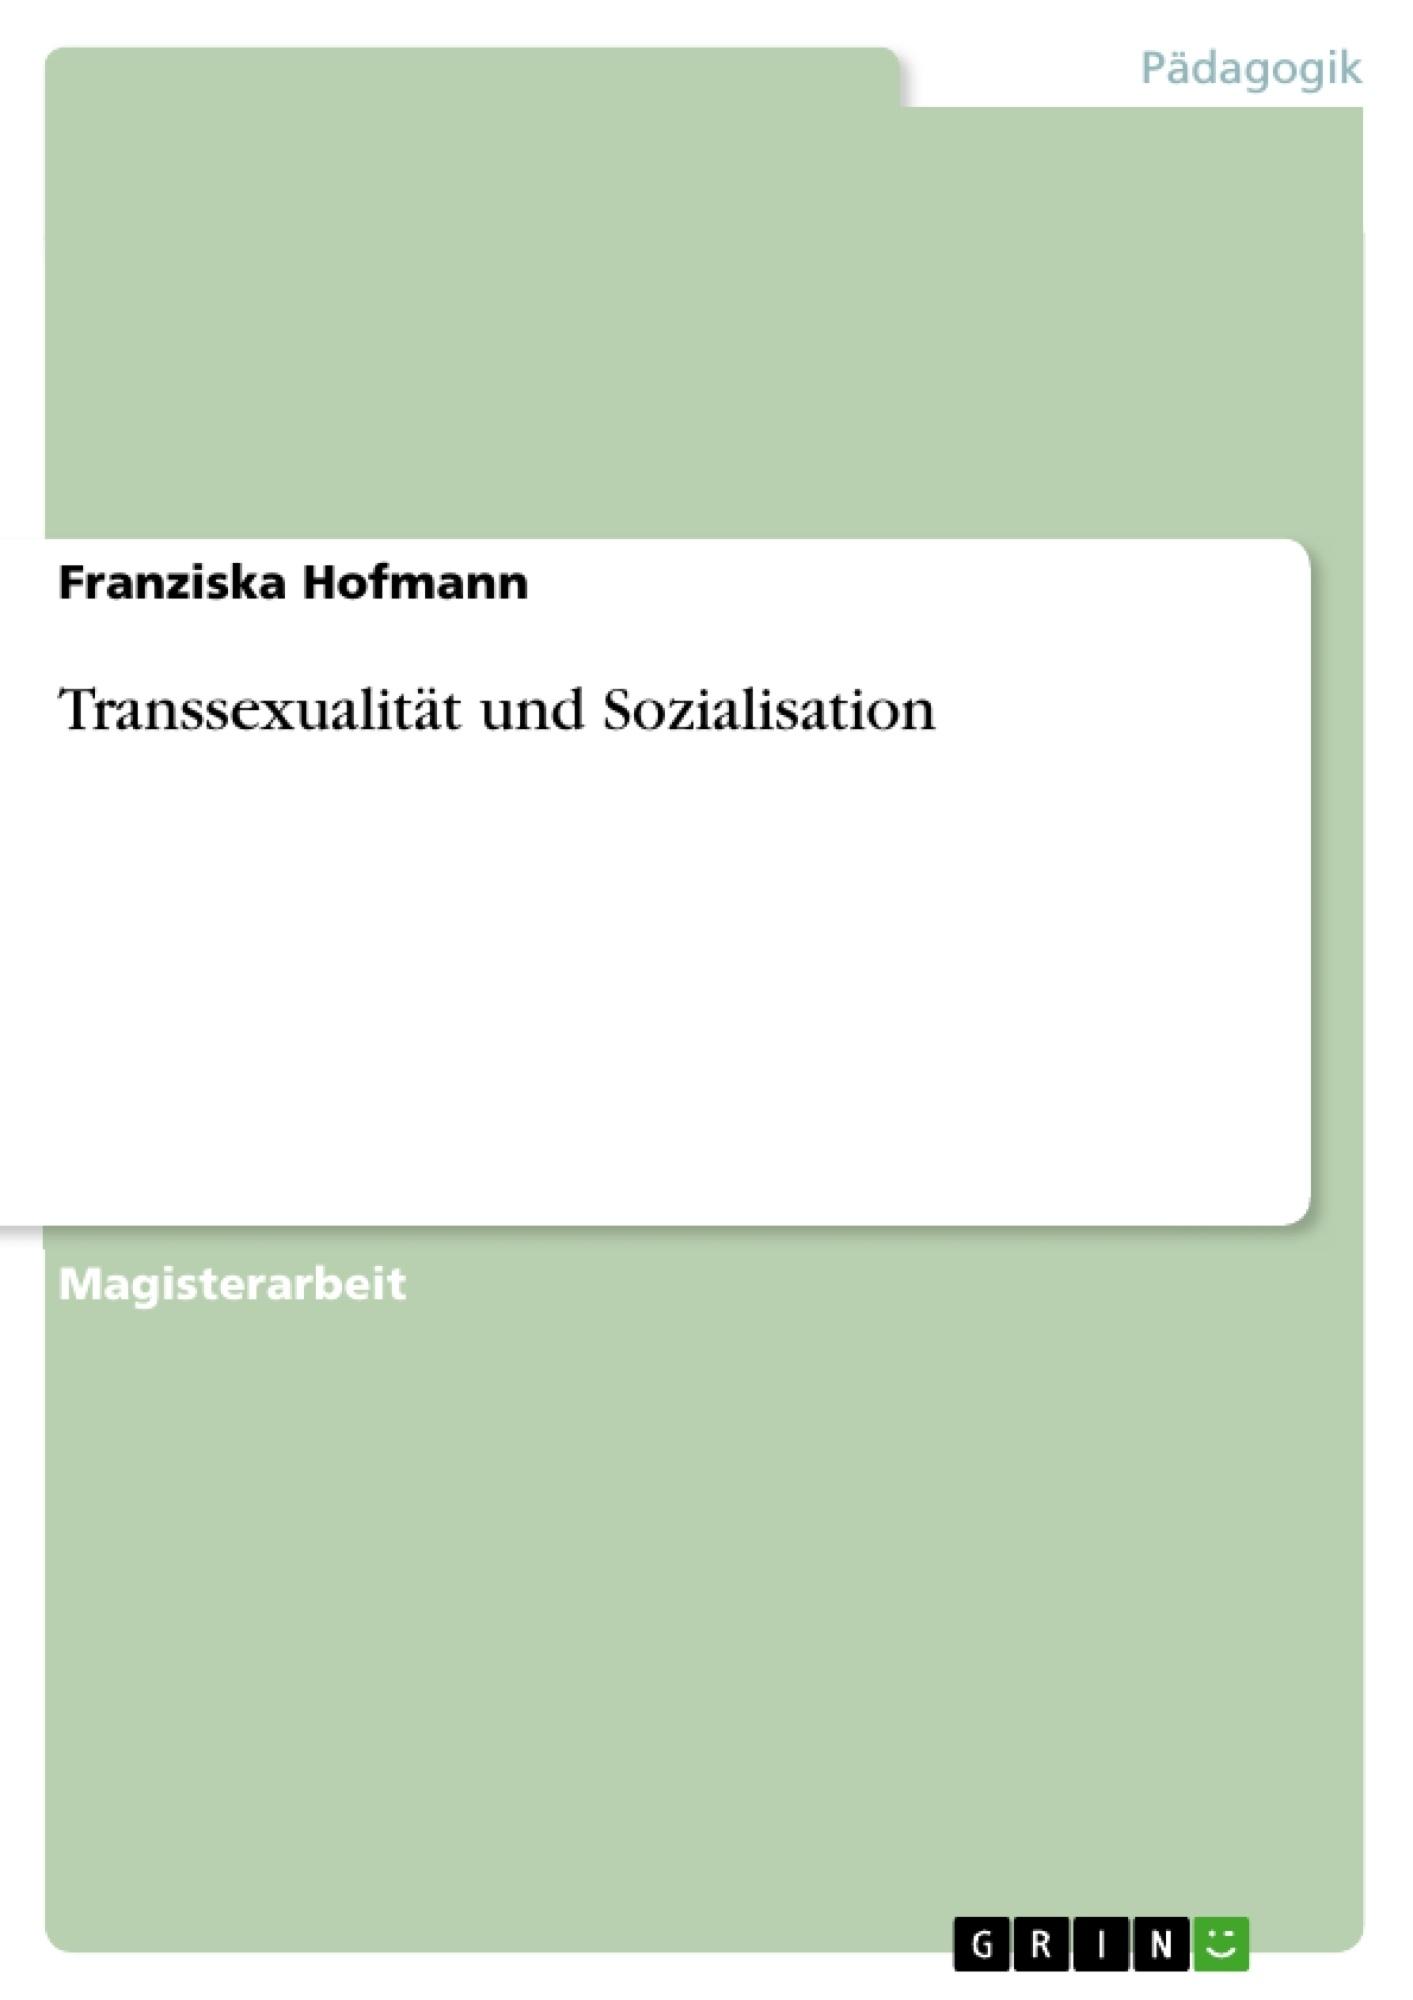 Titel: Transsexualität und Sozialisation